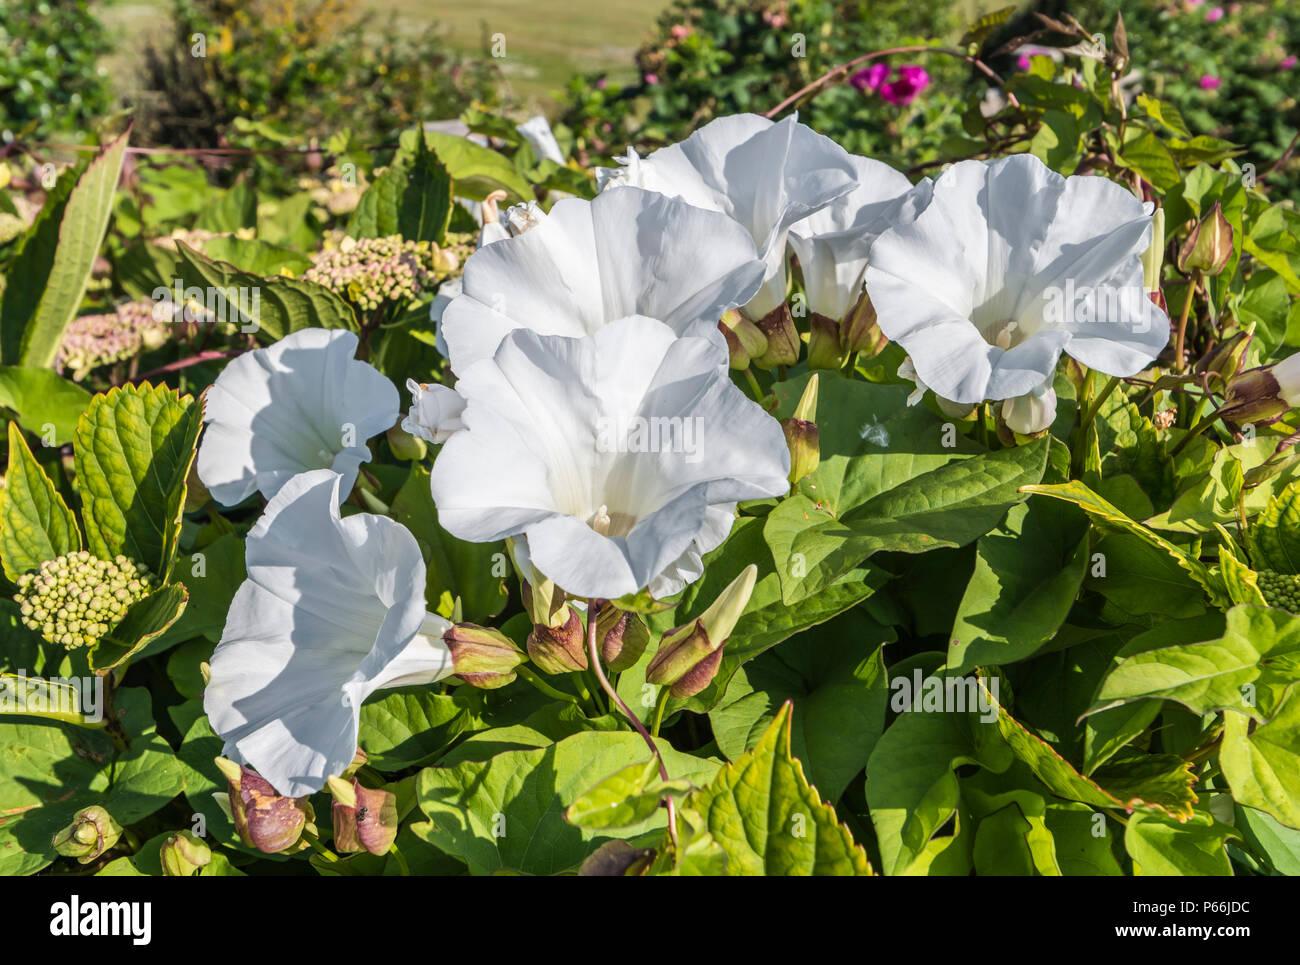 Bianco Fiori a campana della siepe centinodia (Calystegia sepium, Rutland bellezza, Bugle vine, Celeste trombe, bellbind) in estate nel West Sussex, Regno Unito. Immagini Stock